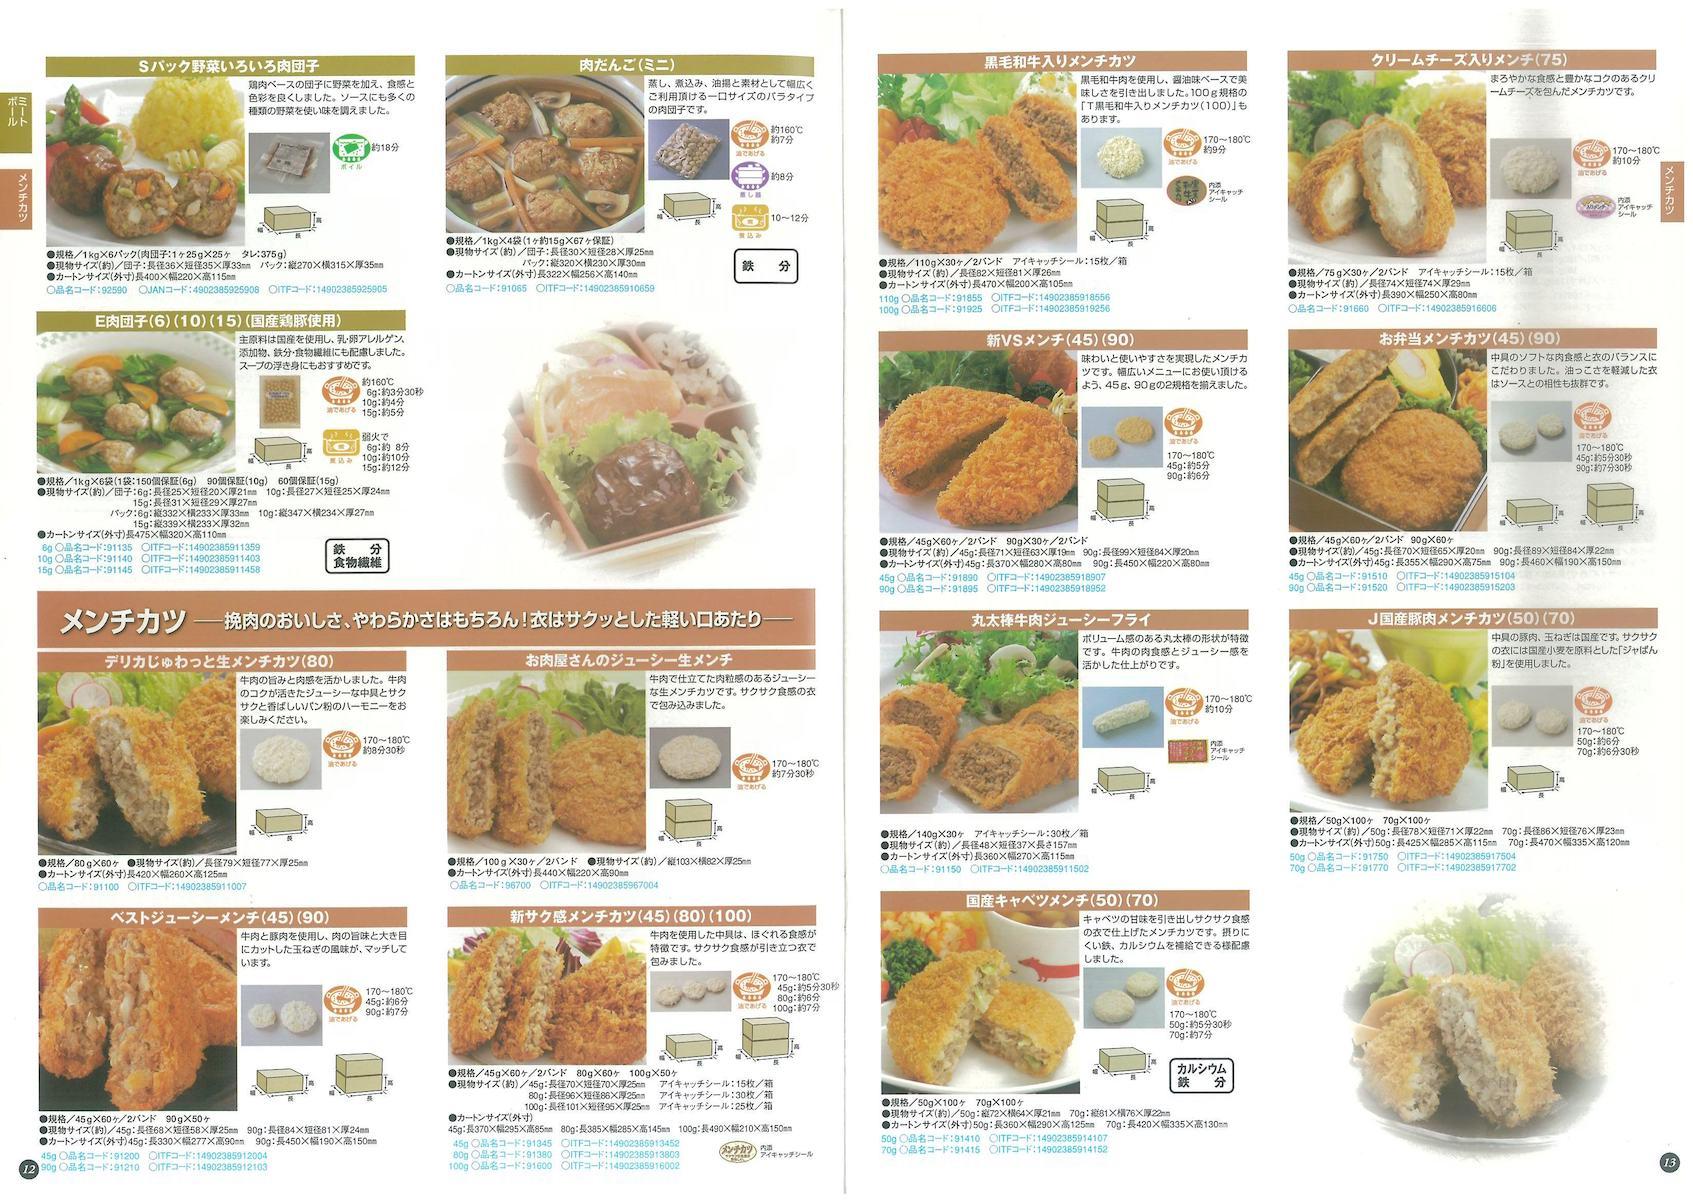 日東ベスト Sパック野菜いろいろ肉団子 肉団子(ミニ) E肉団子(6)(10)(15)国産鶏豚使用) メンチカツ デリカじゅわっと生メンチカツ80 お肉屋さんのジューシー生メンチカツ ベストジューシーメンチ(45)(90) 新サク感メンチカツ(45)(80)(100) 黒毛和牛入りメンチカツ クリームチーズ入りメンチ75 新VSメンチ(45)(90) お弁当メンチカツ(45)(90) 丸太棒牛肉ジューシーフライ J国産豚肉メンチカツ(50)(70) 国産キャベツメンチ(50)(70)